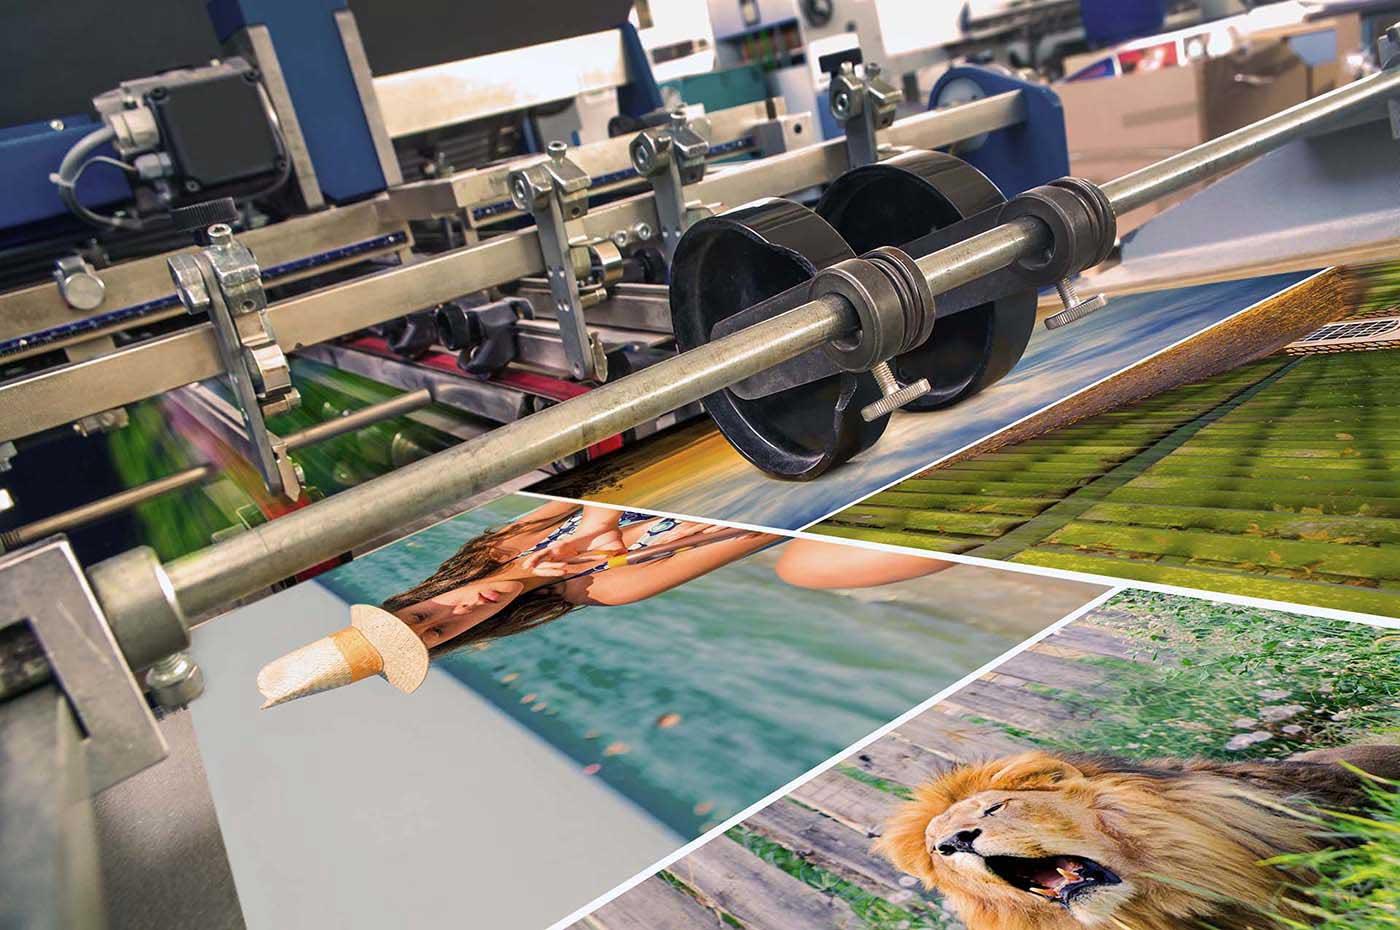 erp artes graficas imprentas